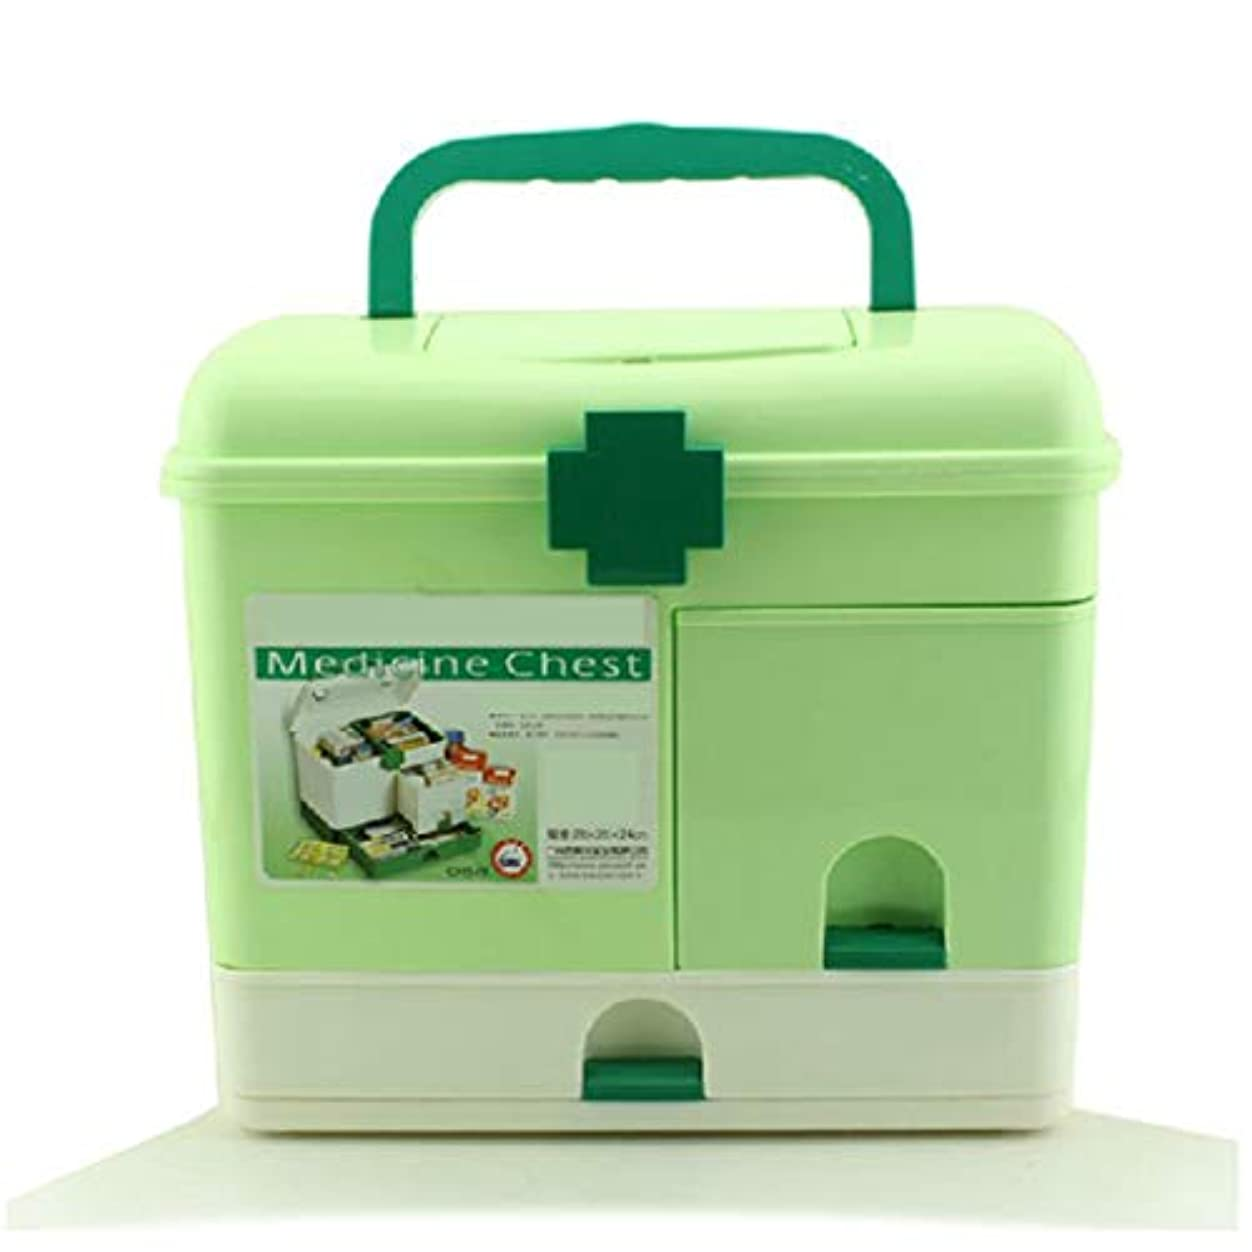 グラマー包帯アカデミー家庭用薬箱プラスチック大型応急処置箱多層医療箱携帯用薬収納ボックス ZHYGDQ (Color : Green)